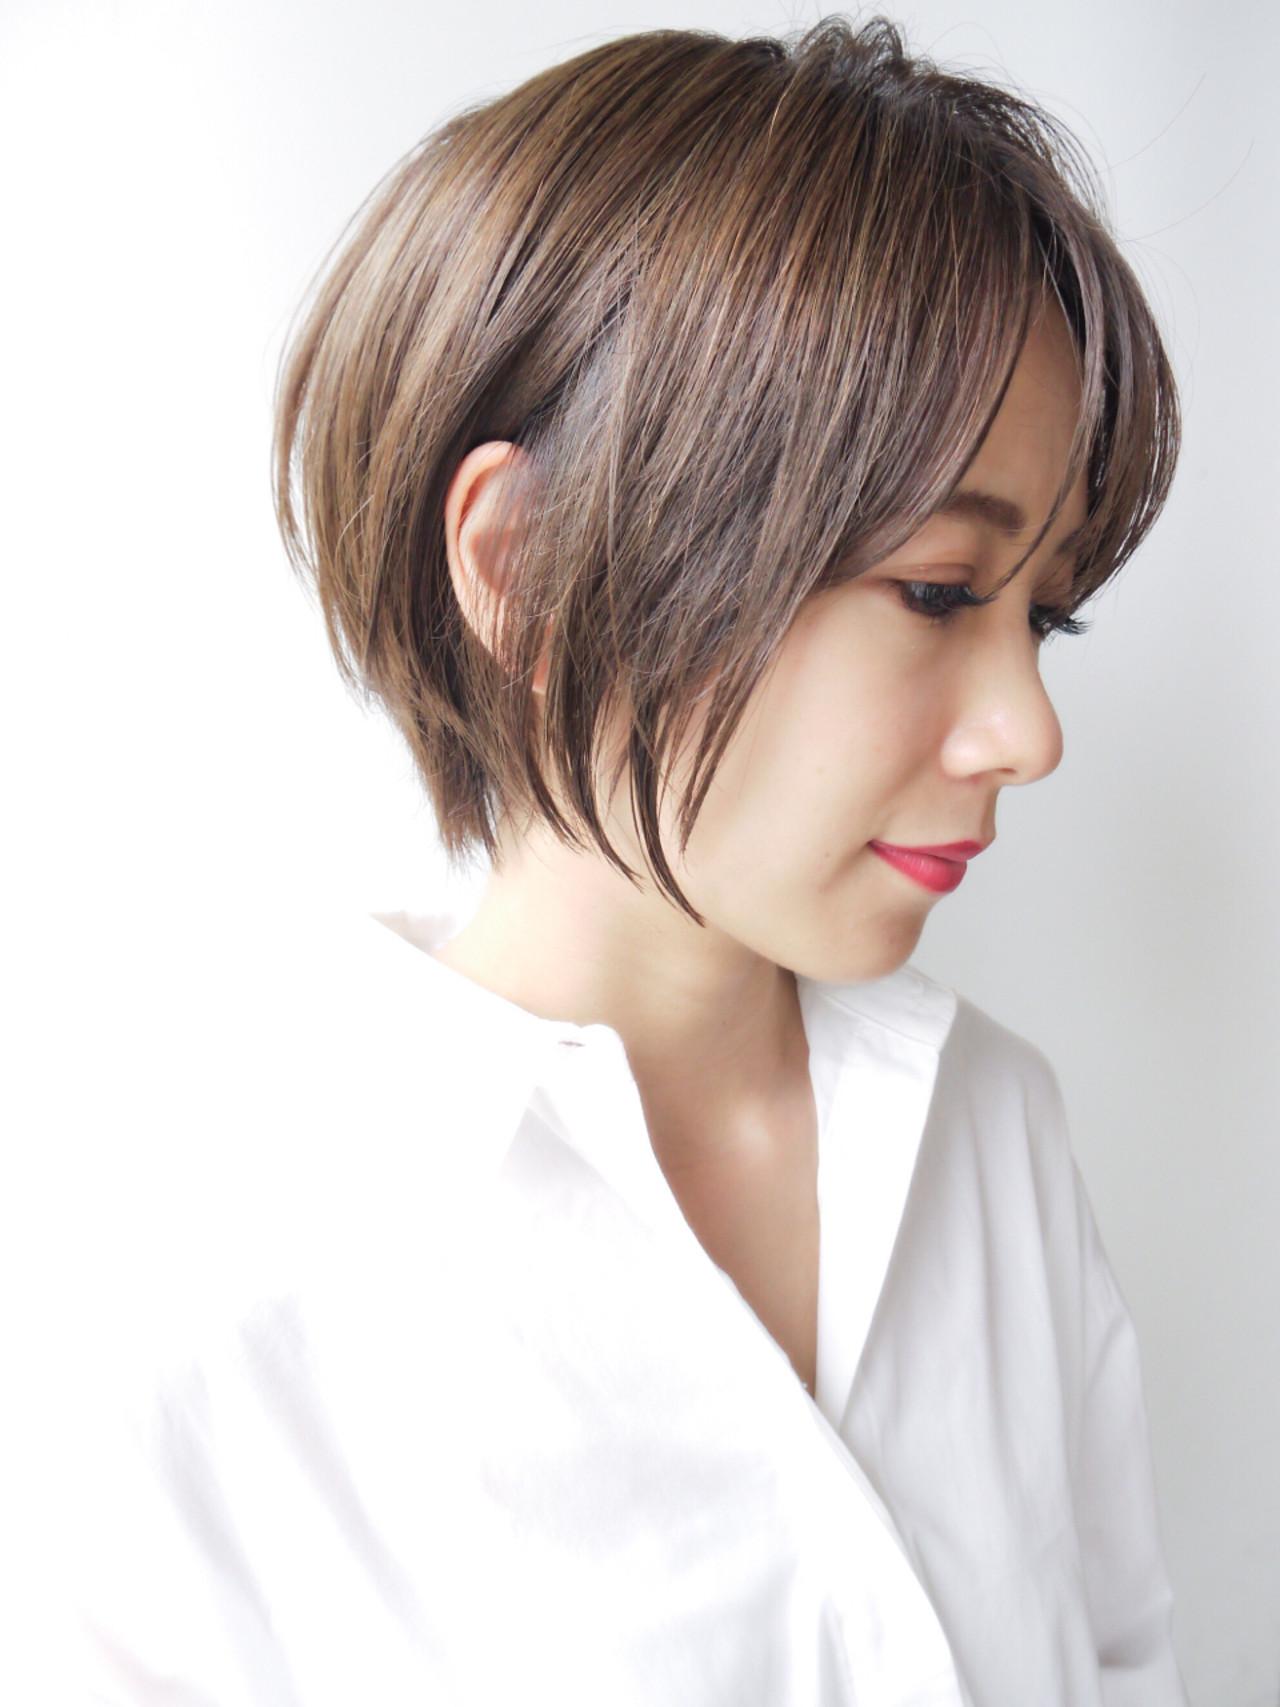 大人かわいい ショート 愛され オフィス ヘアスタイルや髪型の写真・画像 | HIROKI / roijir / roijir